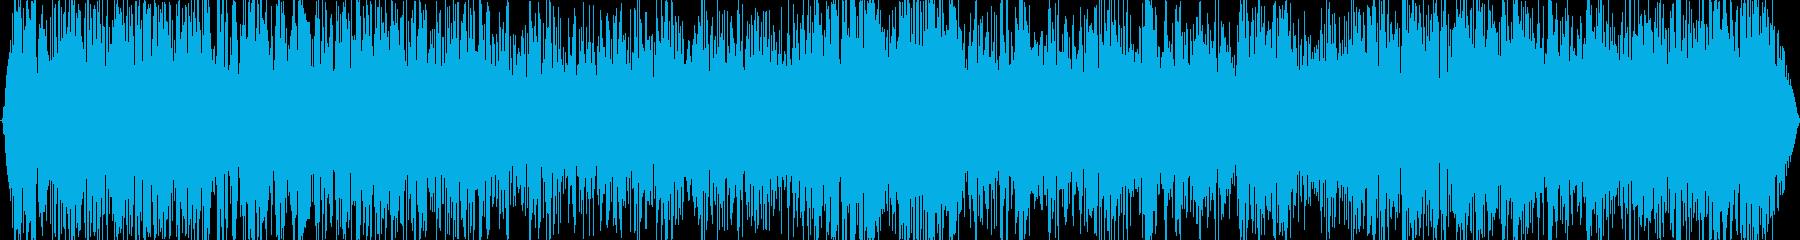 地響き(ゴゴゴゴ・・・・)の再生済みの波形